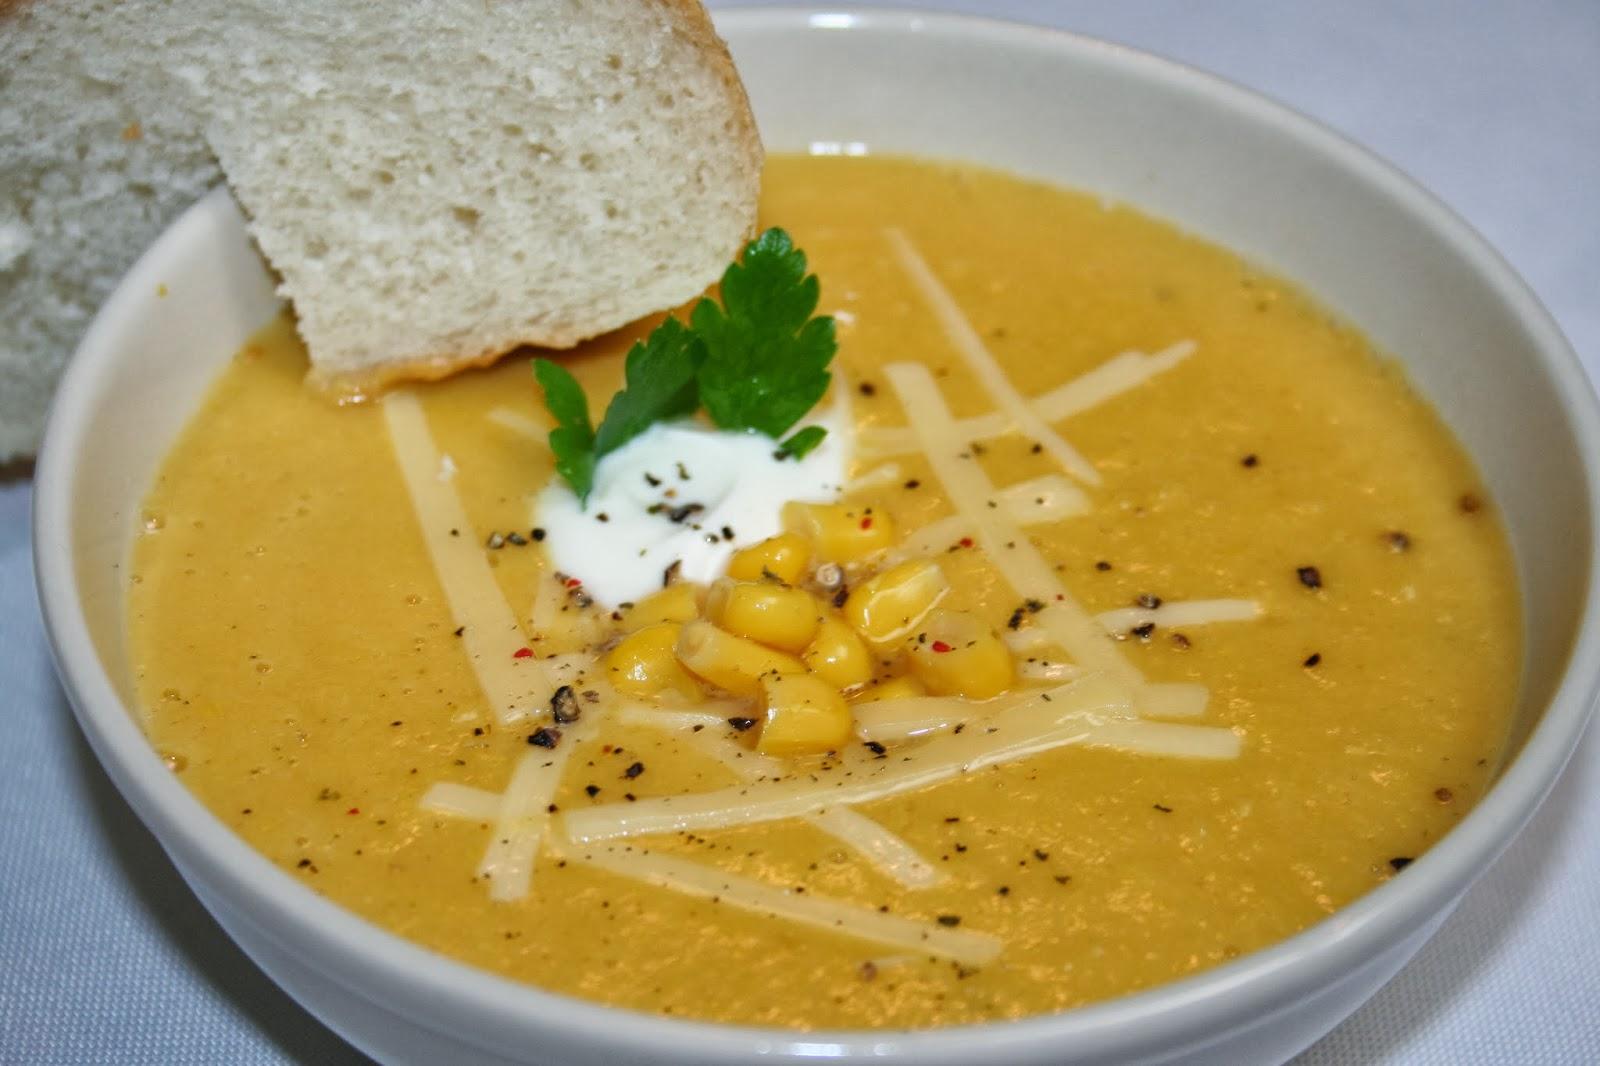 Southwestern Corn Soup